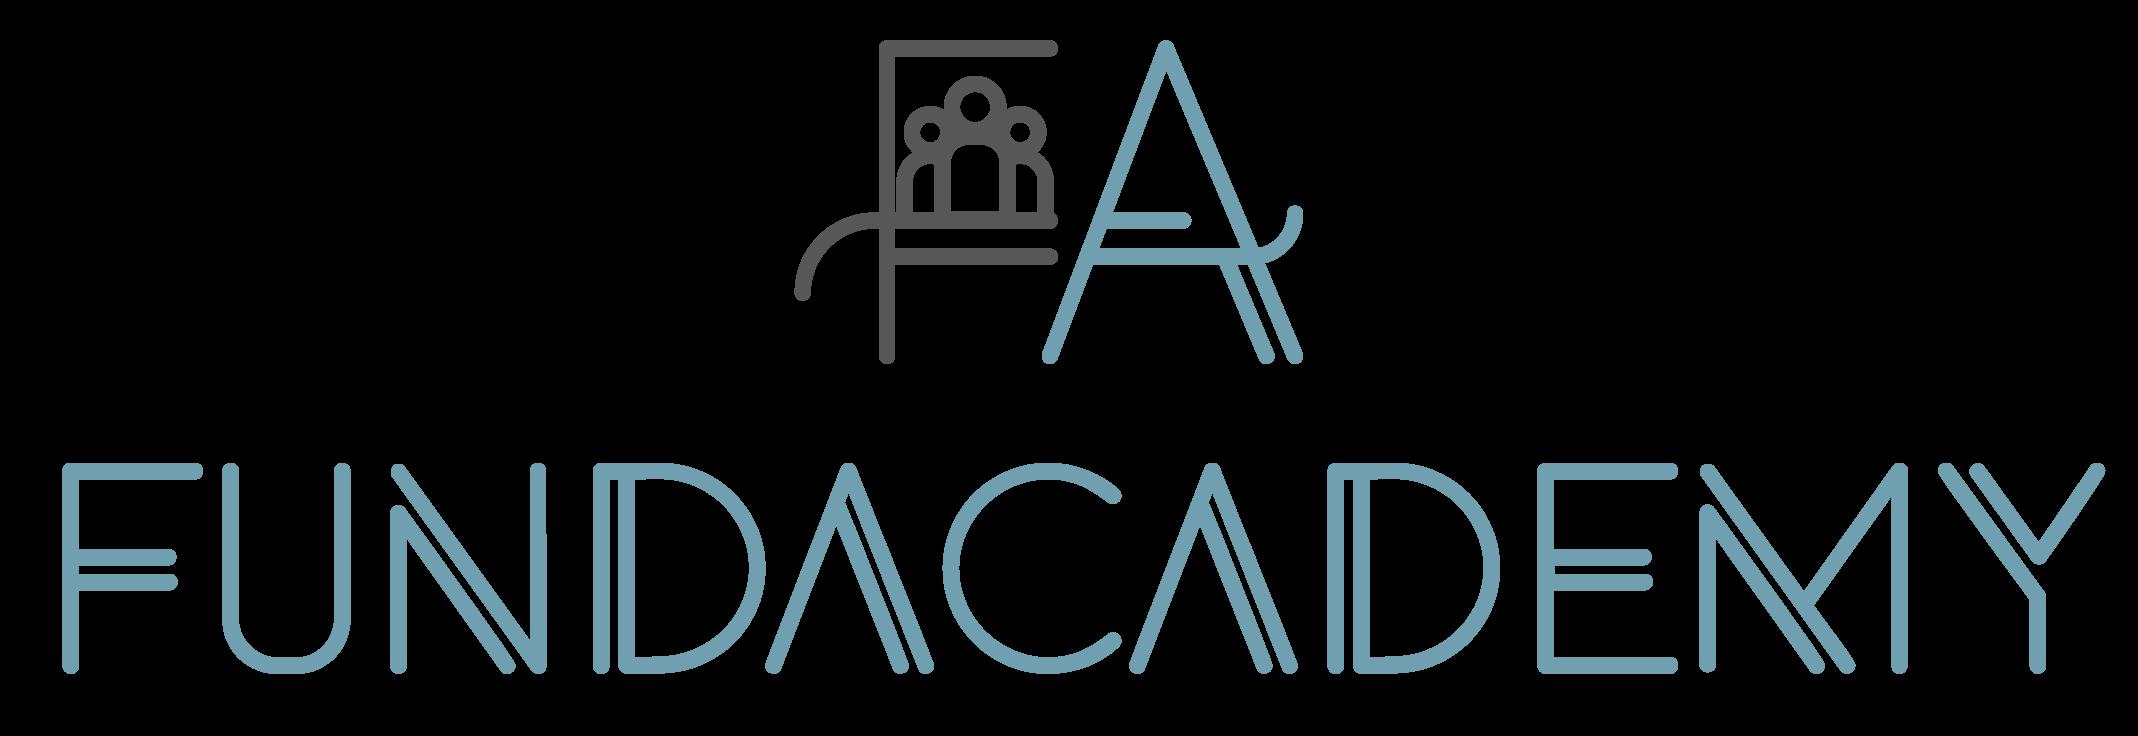 FundAcademy